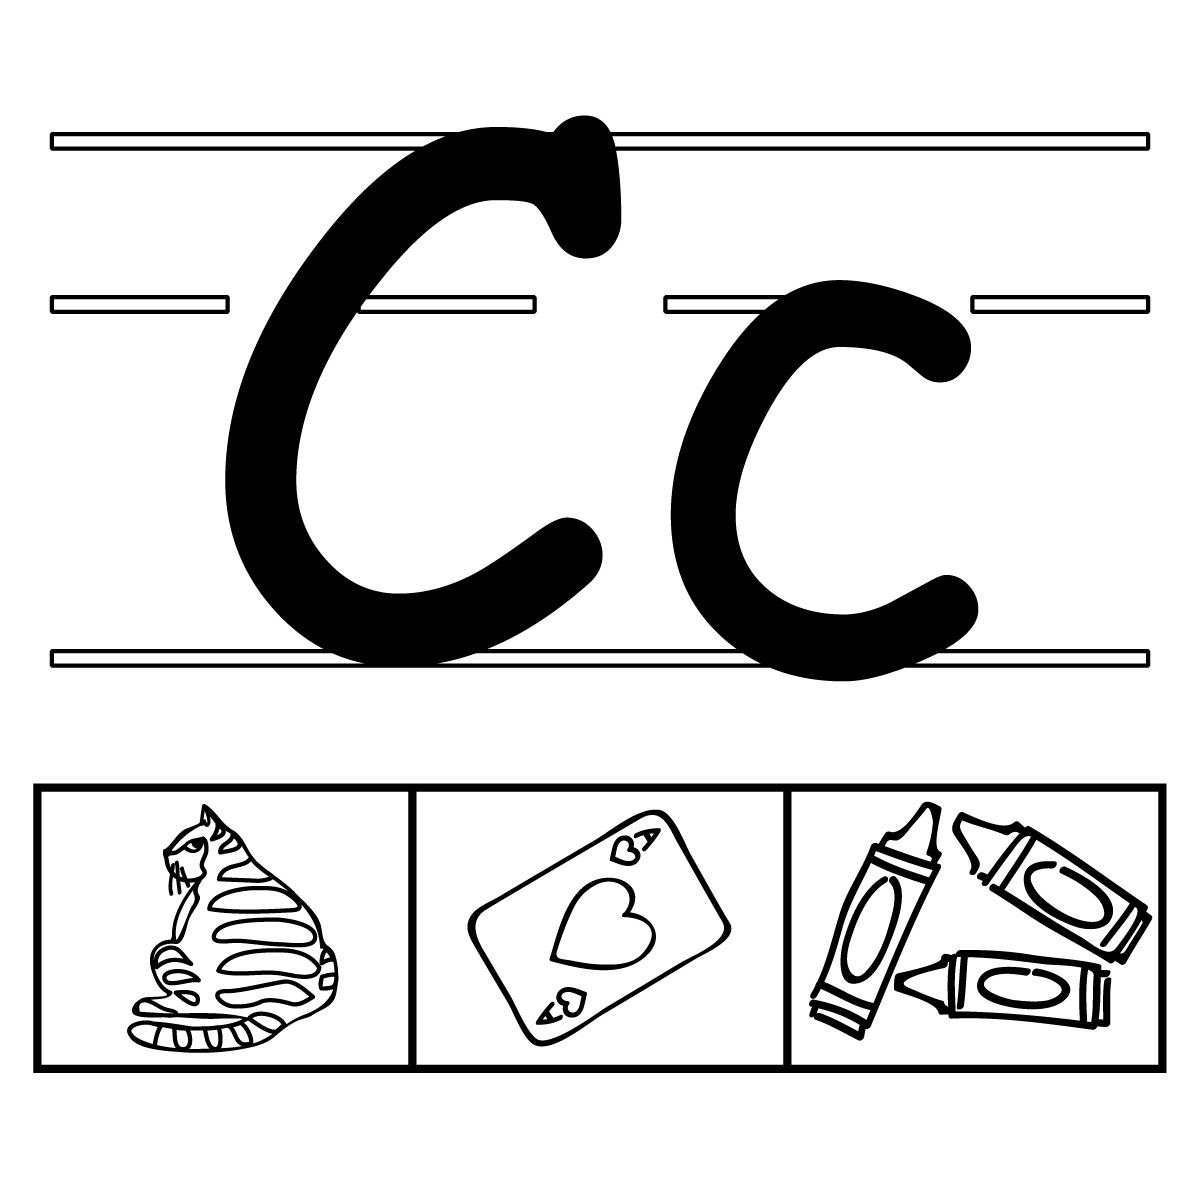 Alphabet letters clip art c - ClipartFest graphic transparent stock